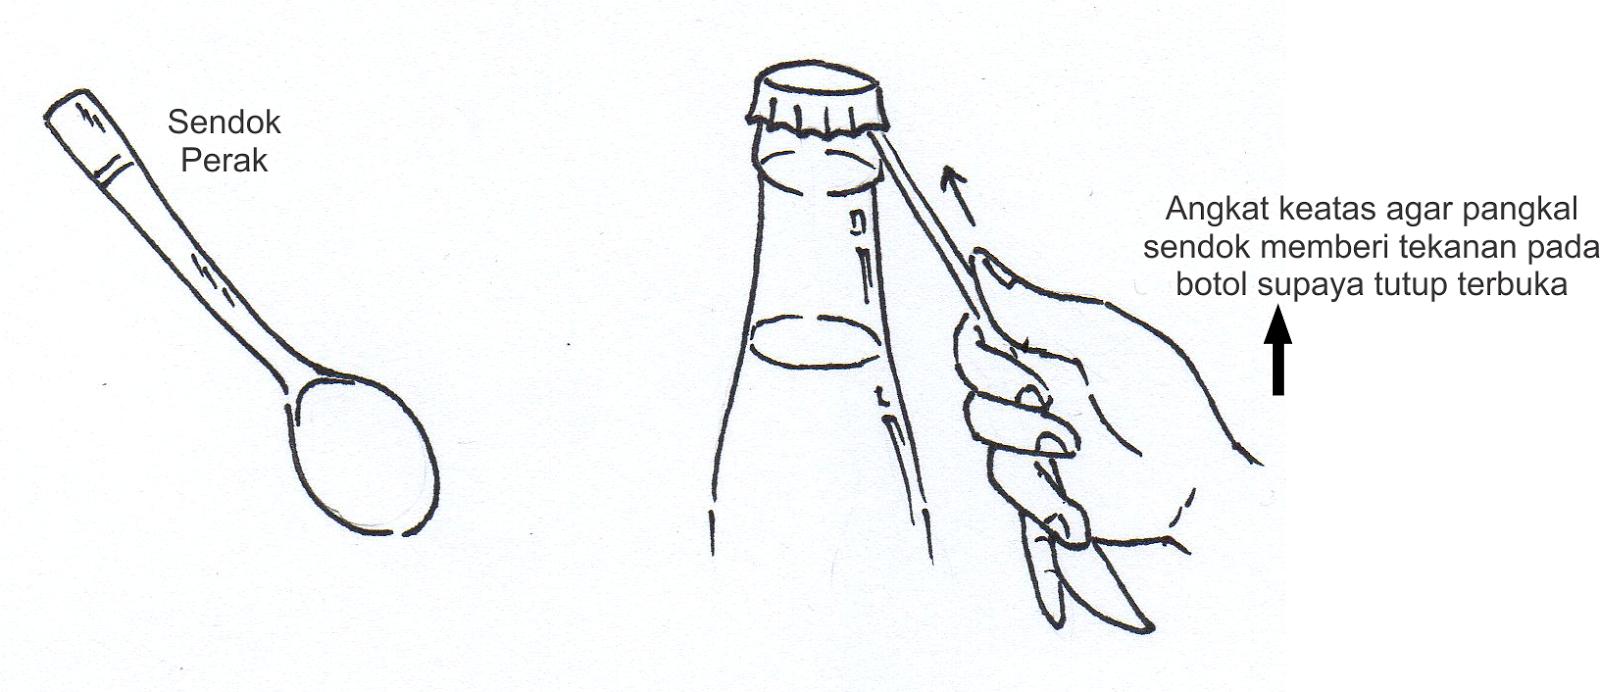 membuka botol dengan sendok via mistertukang.blogspot.co.id